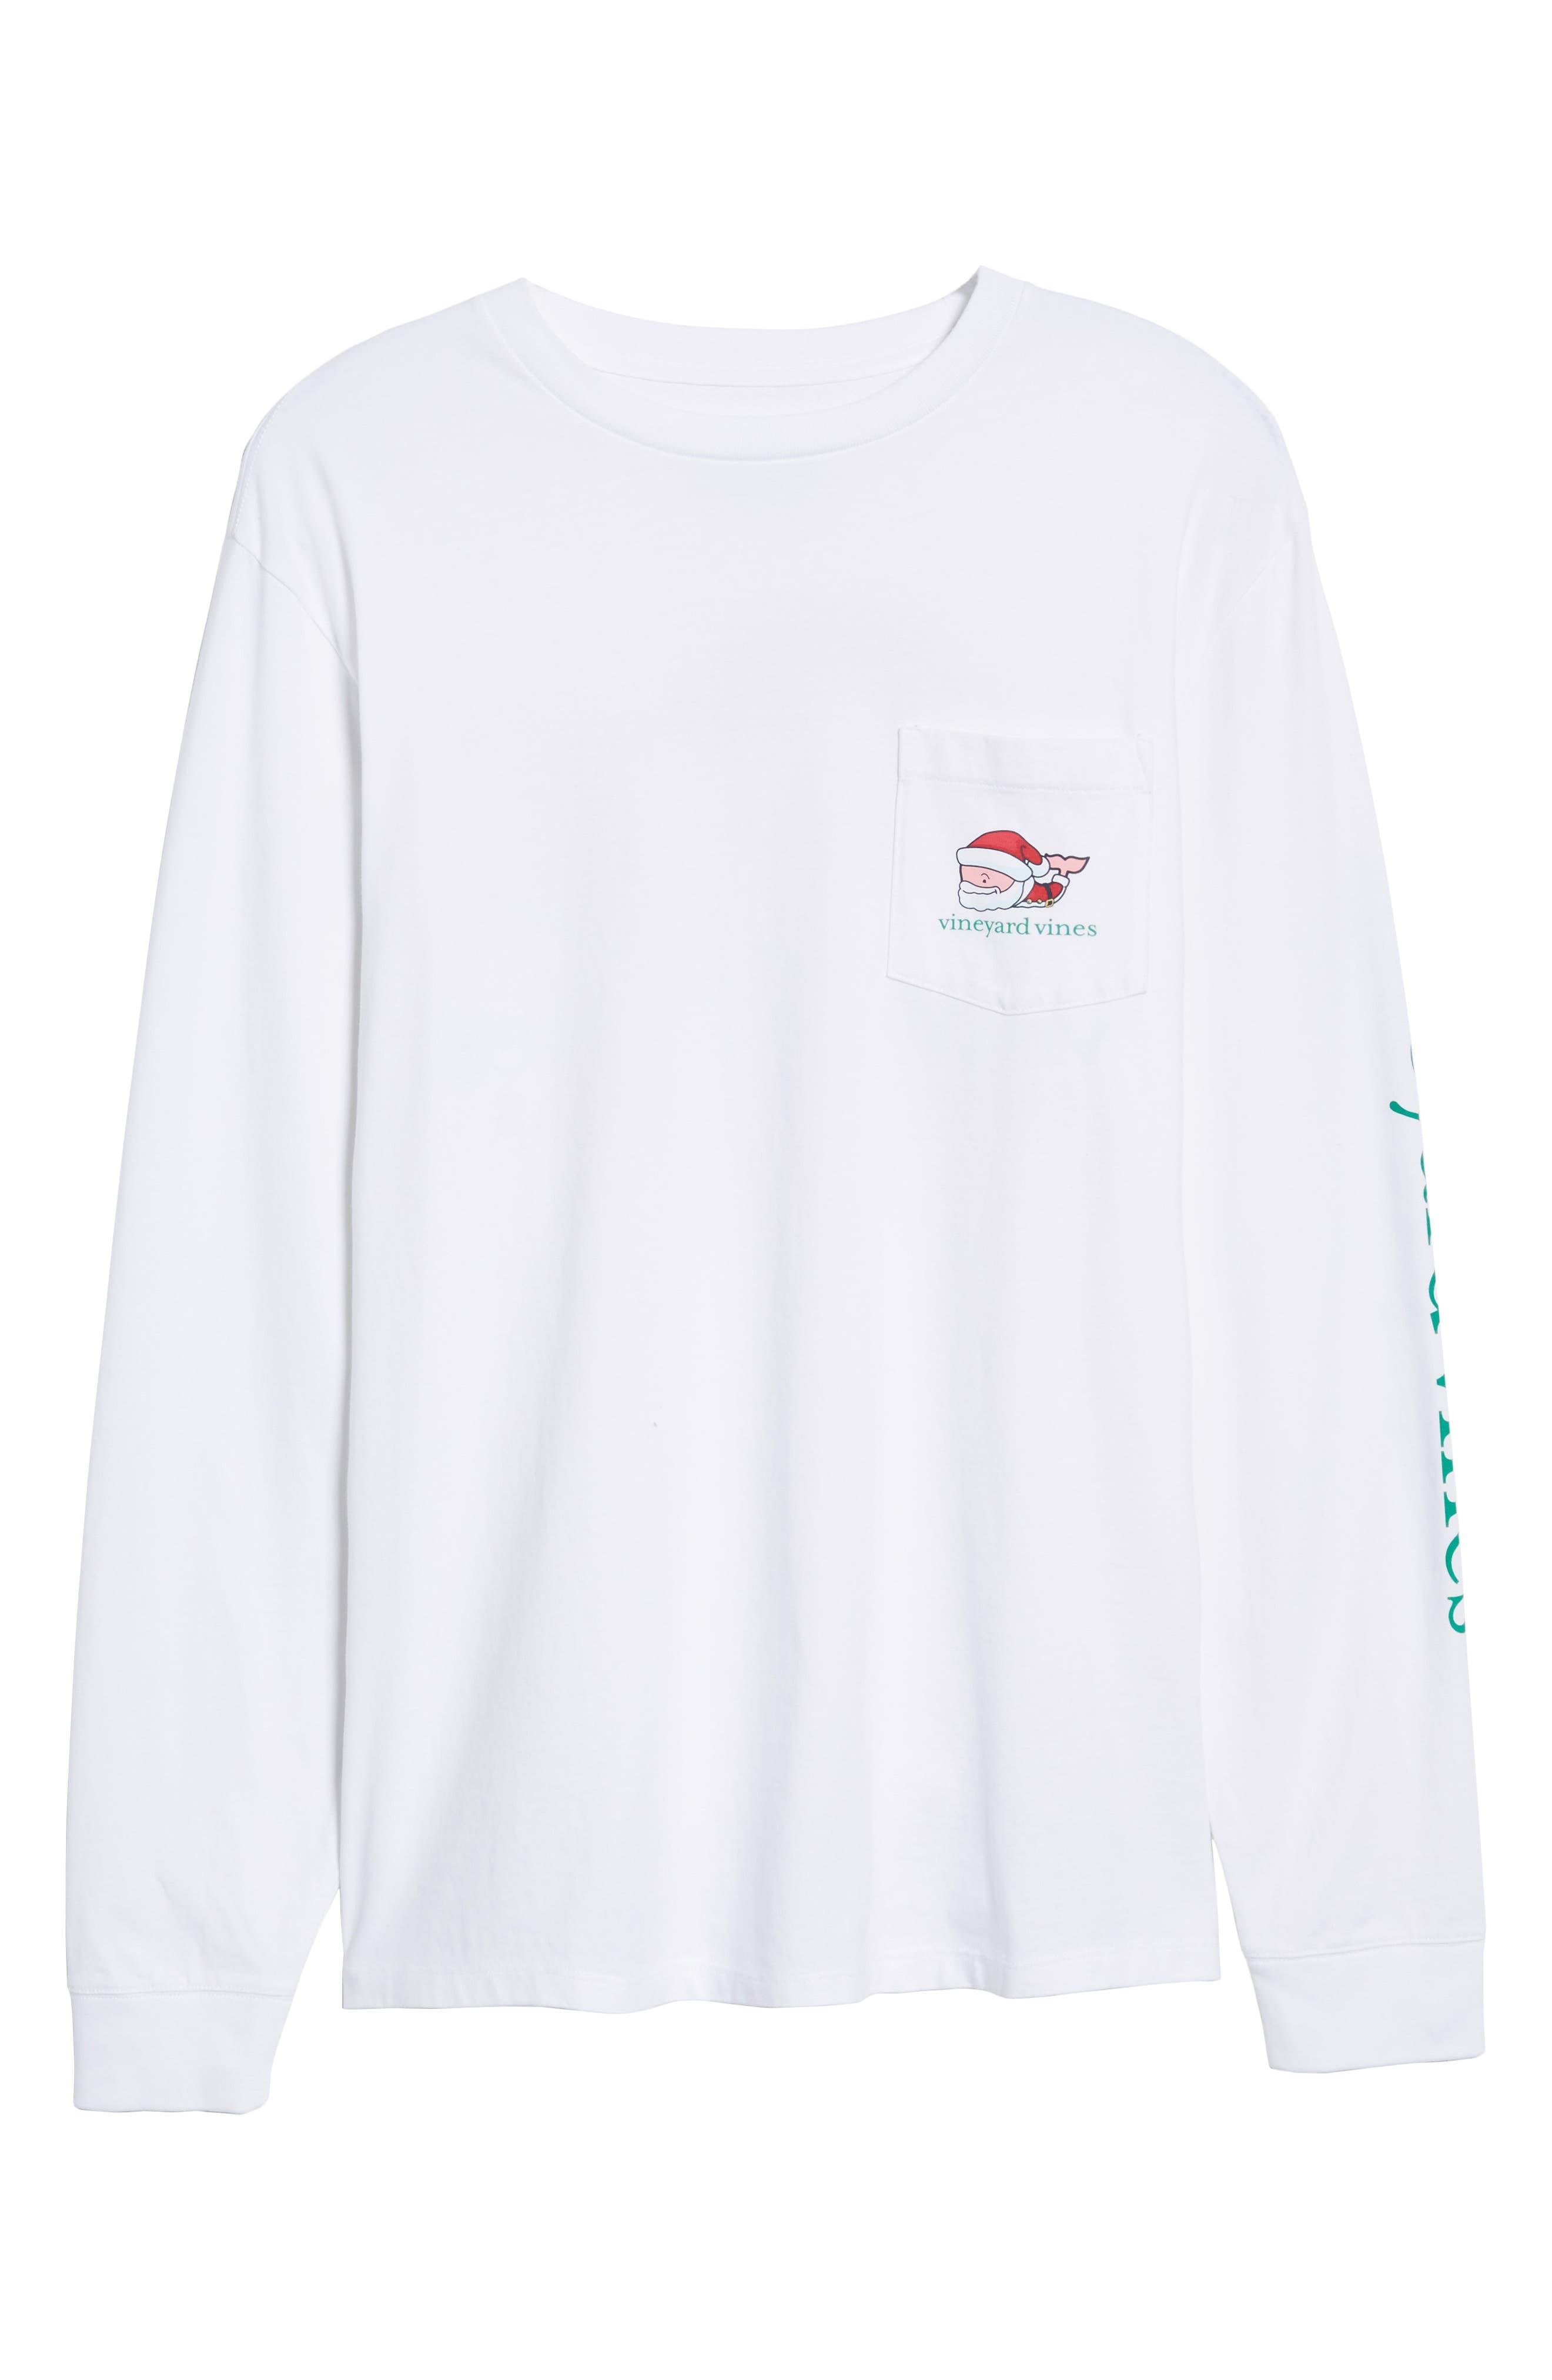 Mr. Claus Whale Graphic Pocket T-Shirt,                             Alternate thumbnail 6, color,                             100